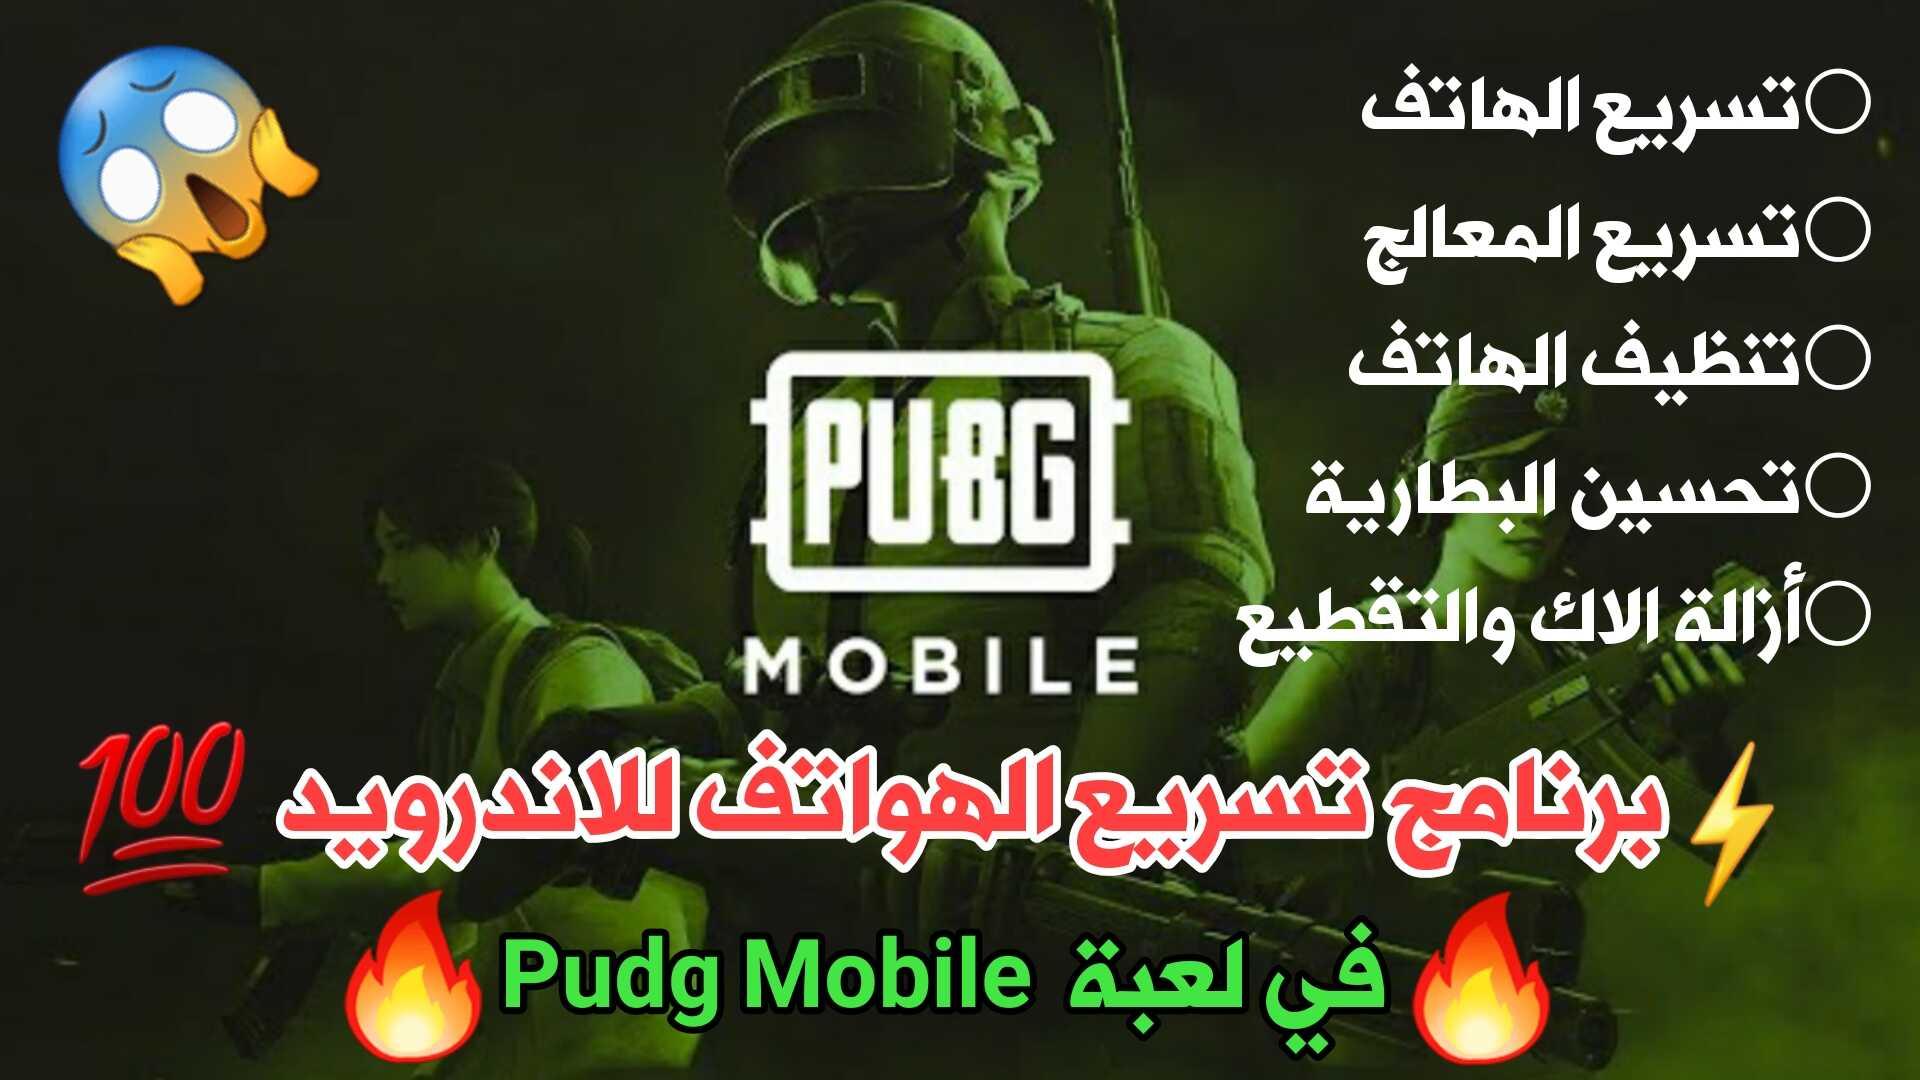 برنامج تسريع هواتف الاندرويد في لعبة Pudg Mobile الأفضل للهواتف الضعيفة